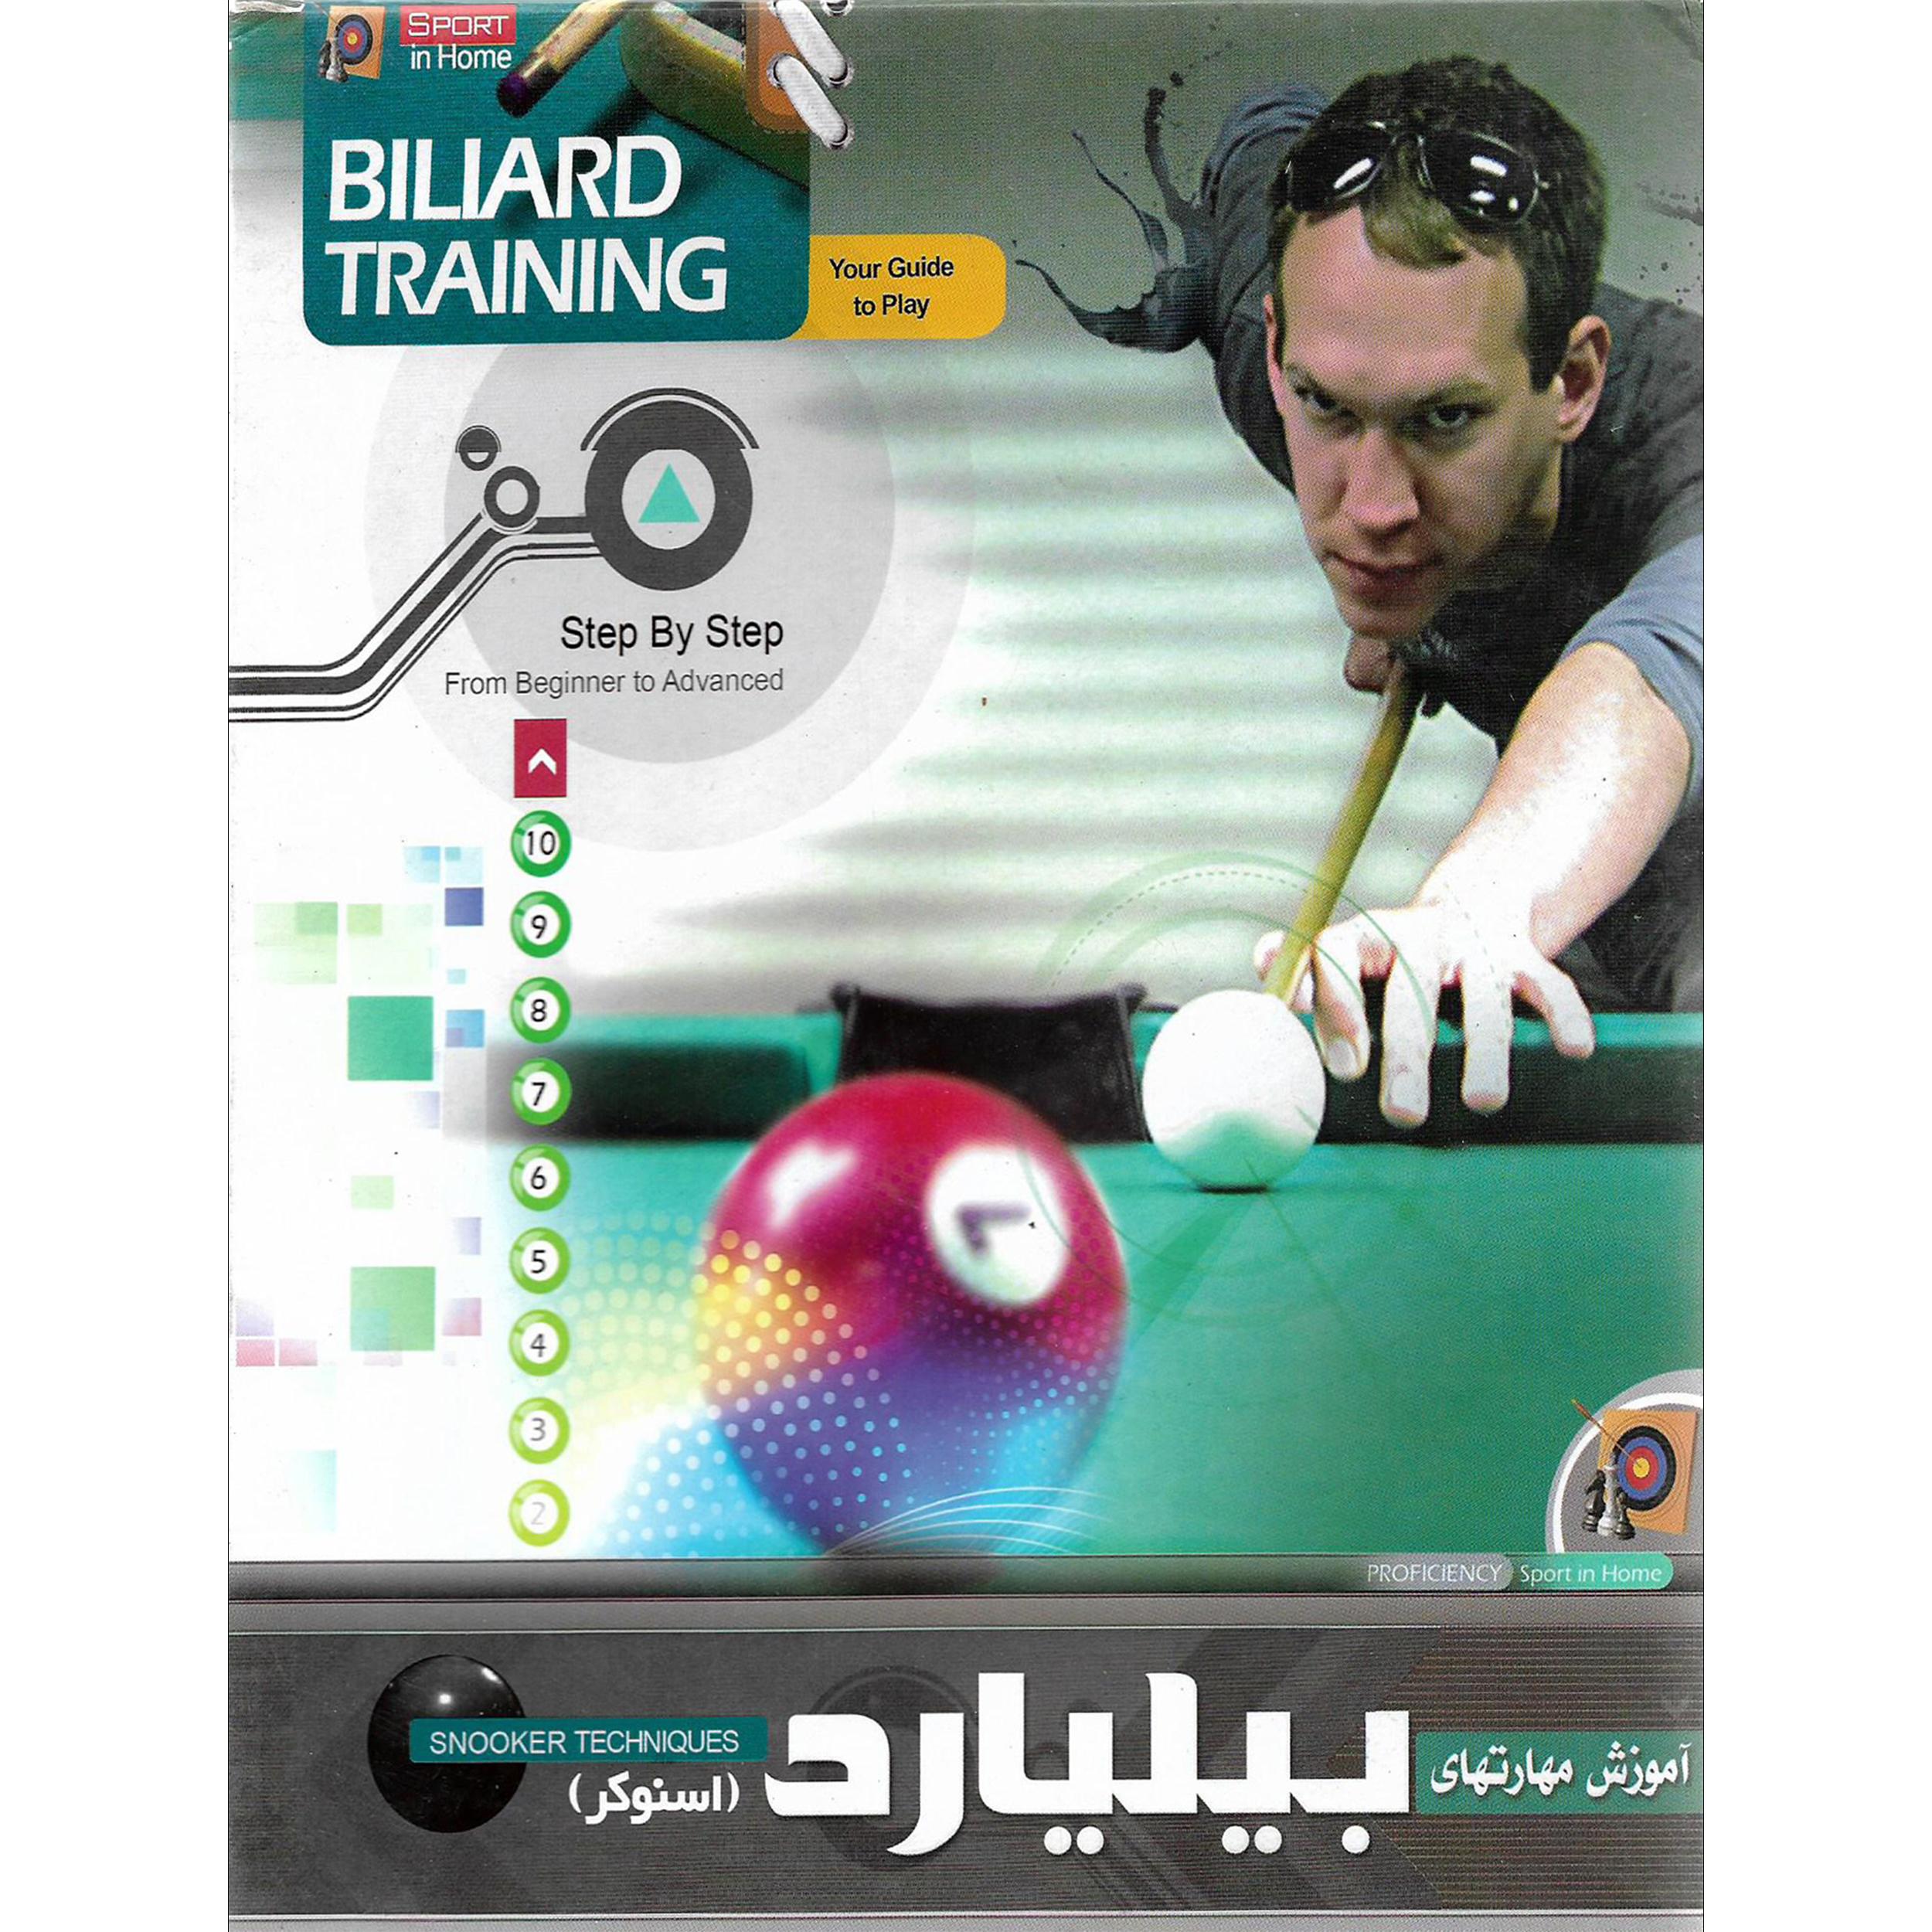 نرم افزار آموزش مهارت های بیلیارد ( اسنوکر ) نشر موسسه فرهنگی دیجیتال پاناپرداز آریا